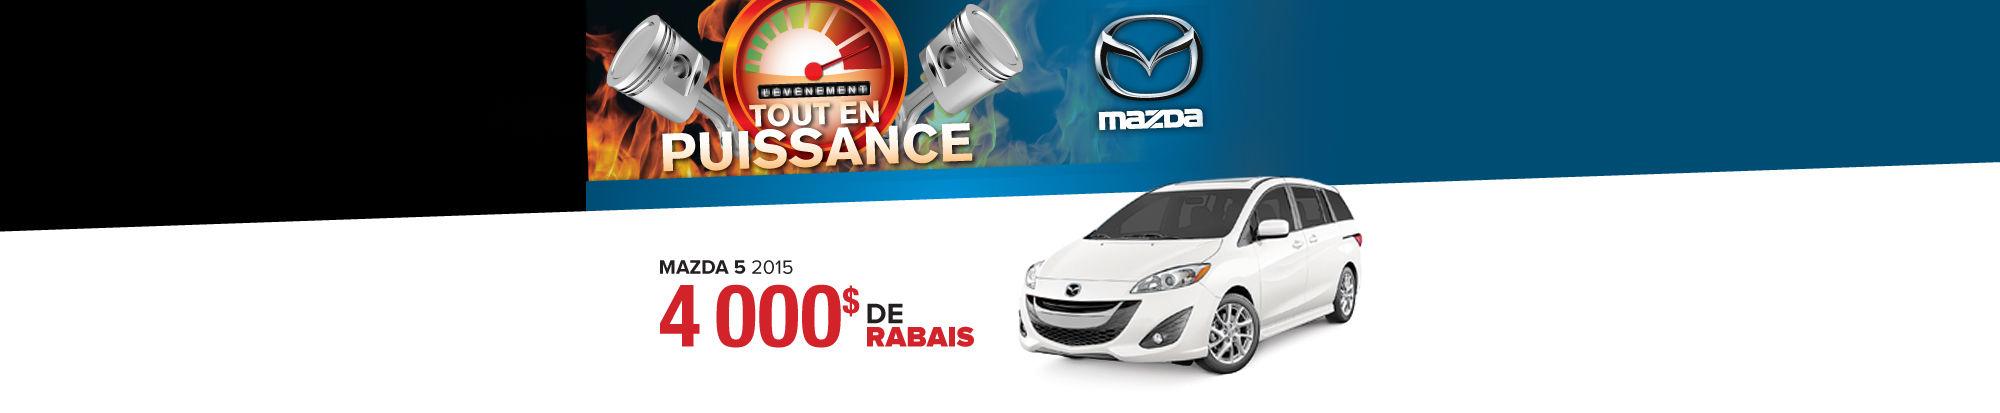 Mazda5 2015